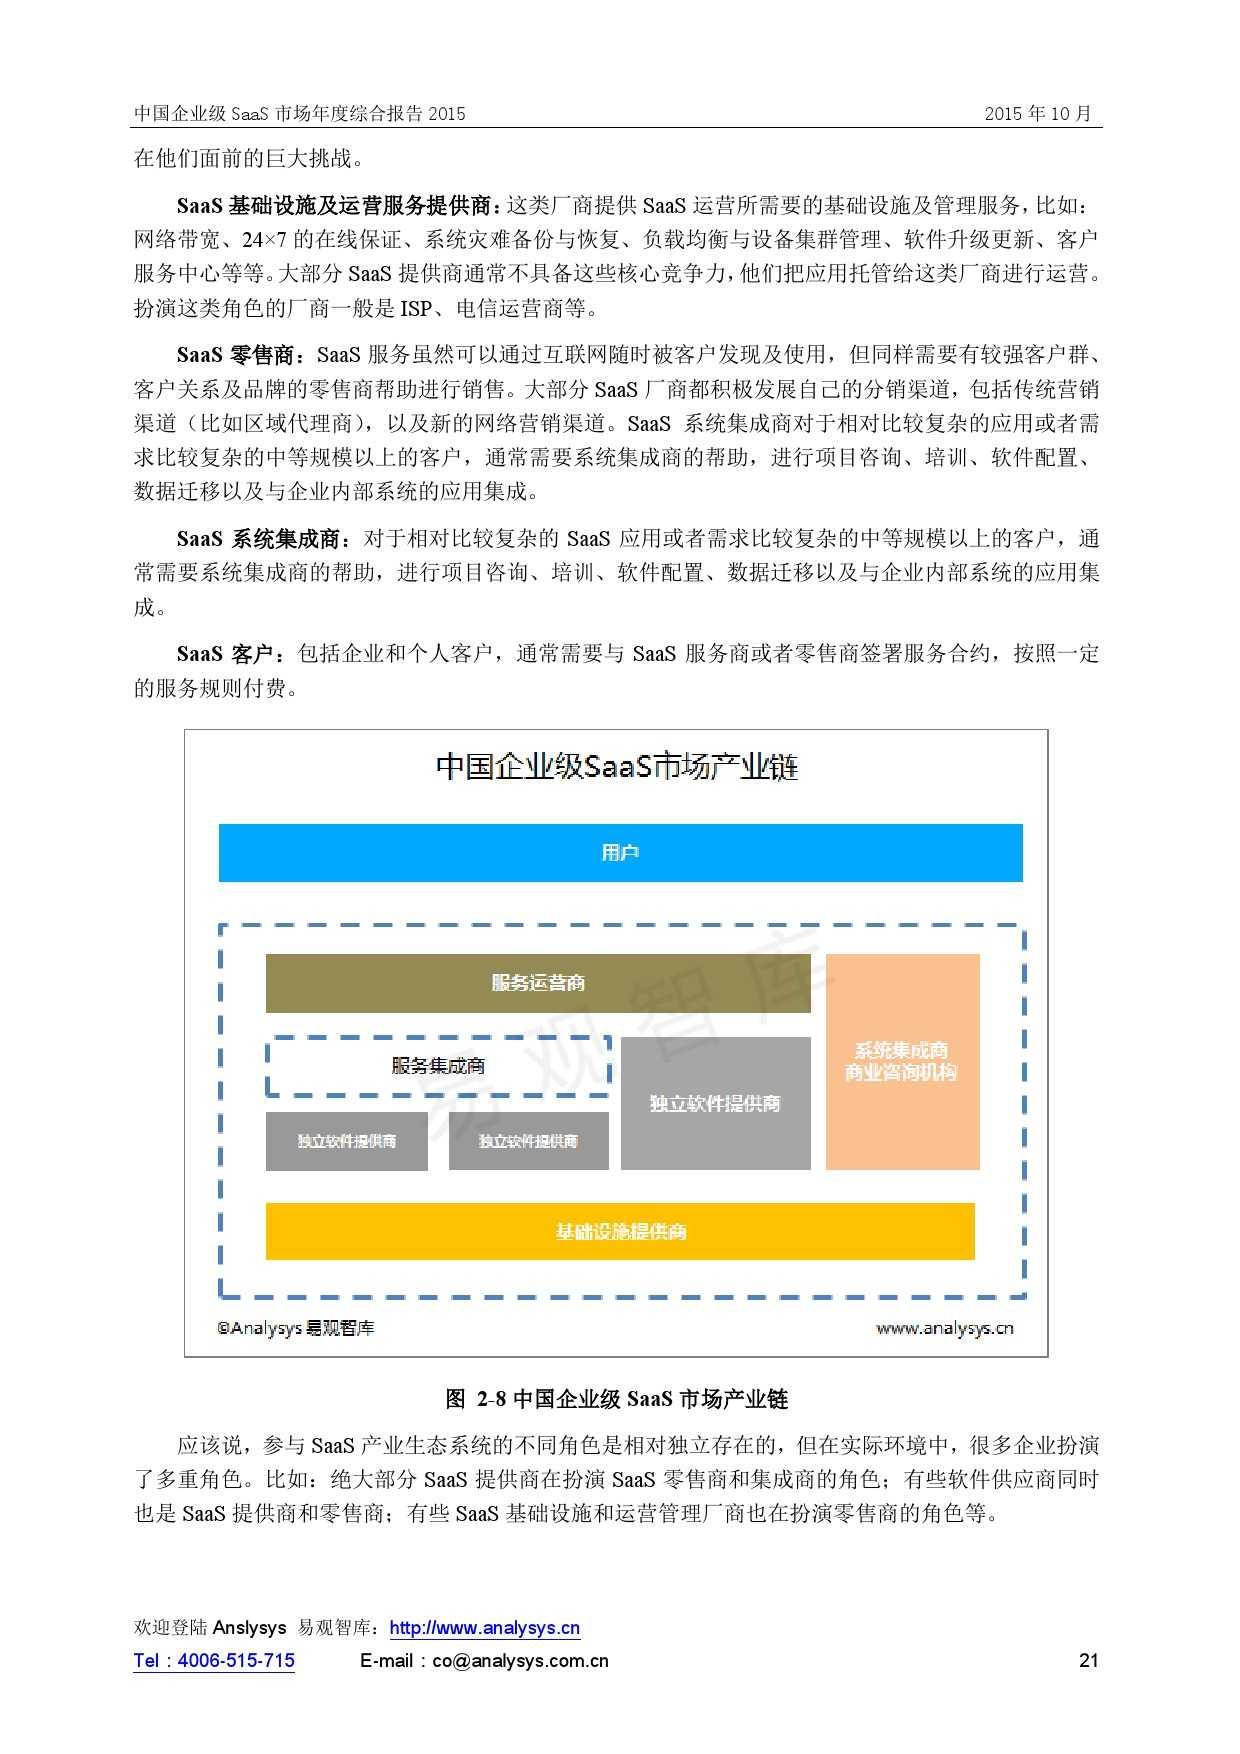 中国企业级SaaS市场年度综合报告2015 01_000021